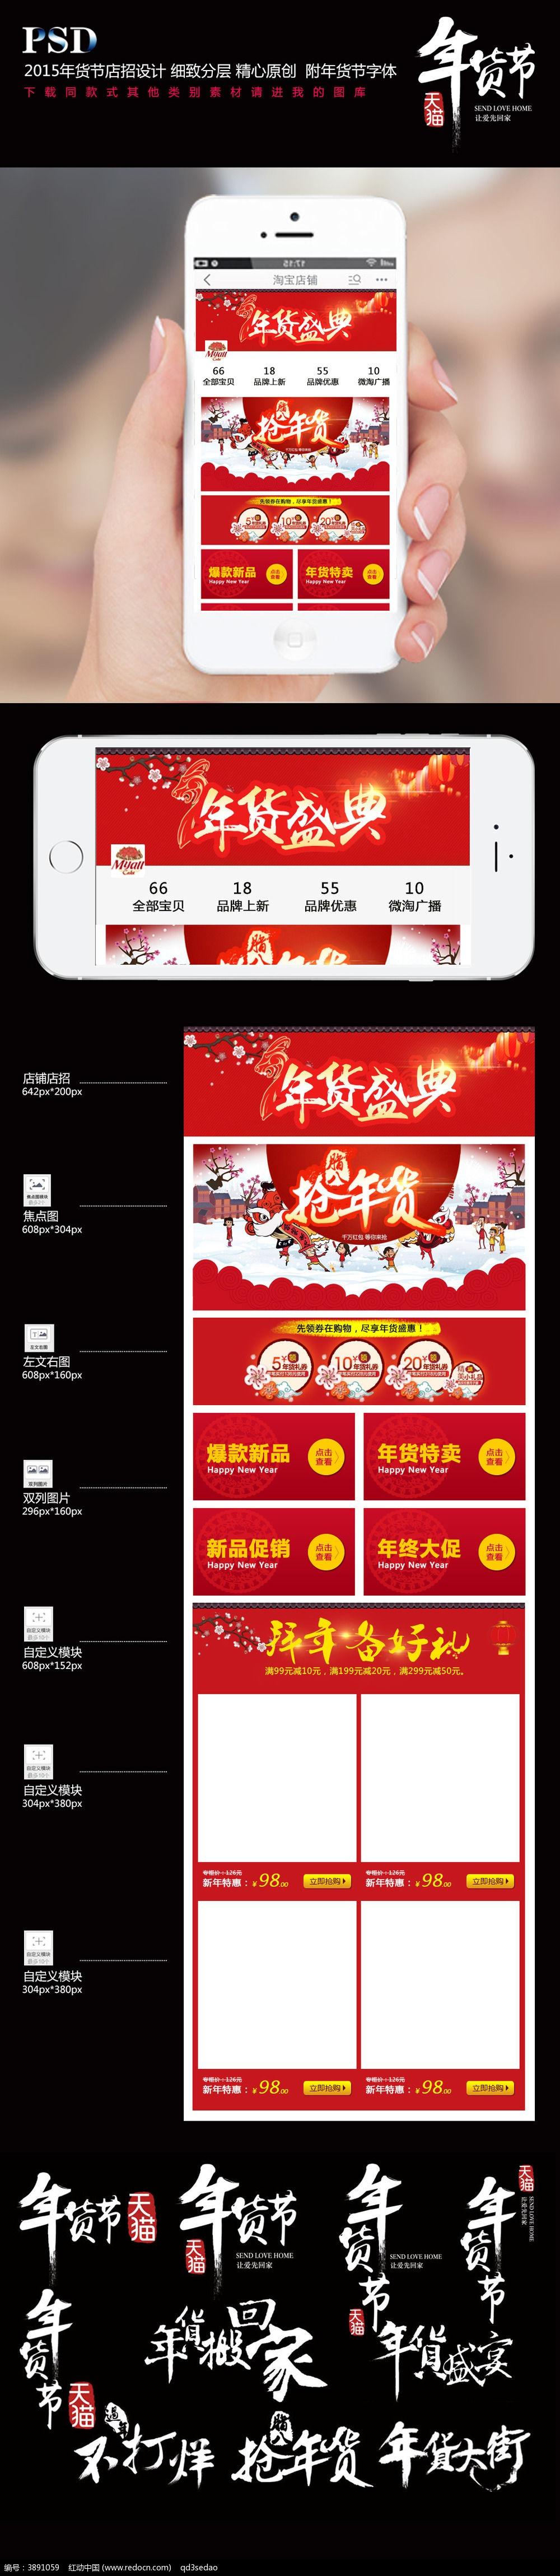 淘宝手机端羊年春节首页模板图片